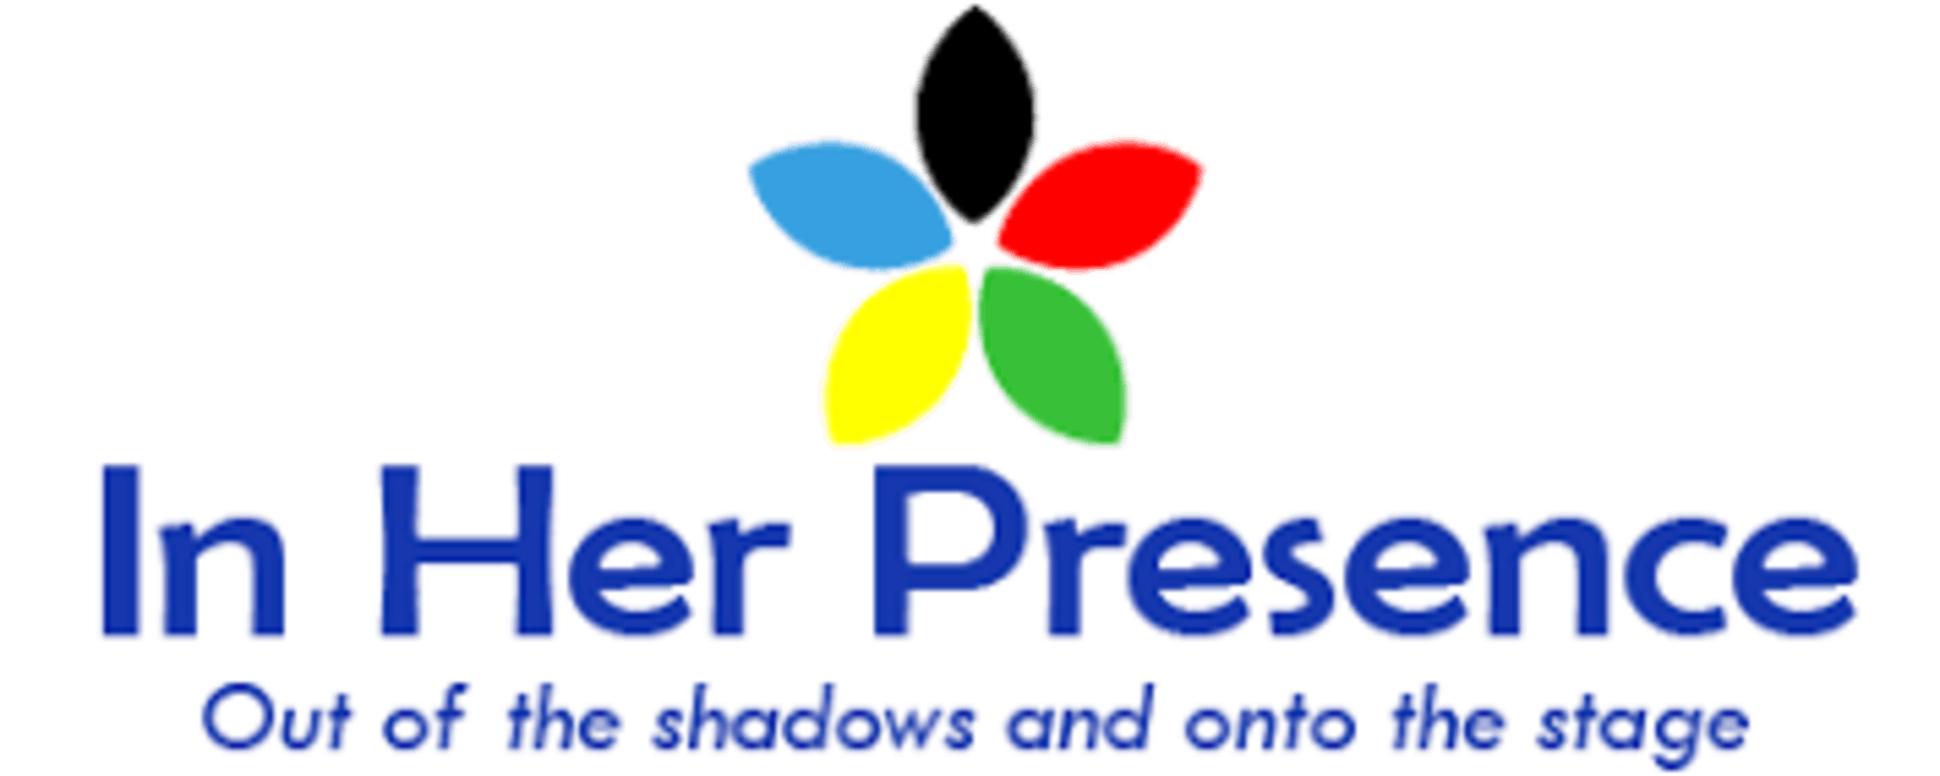 In Her Presence Logo